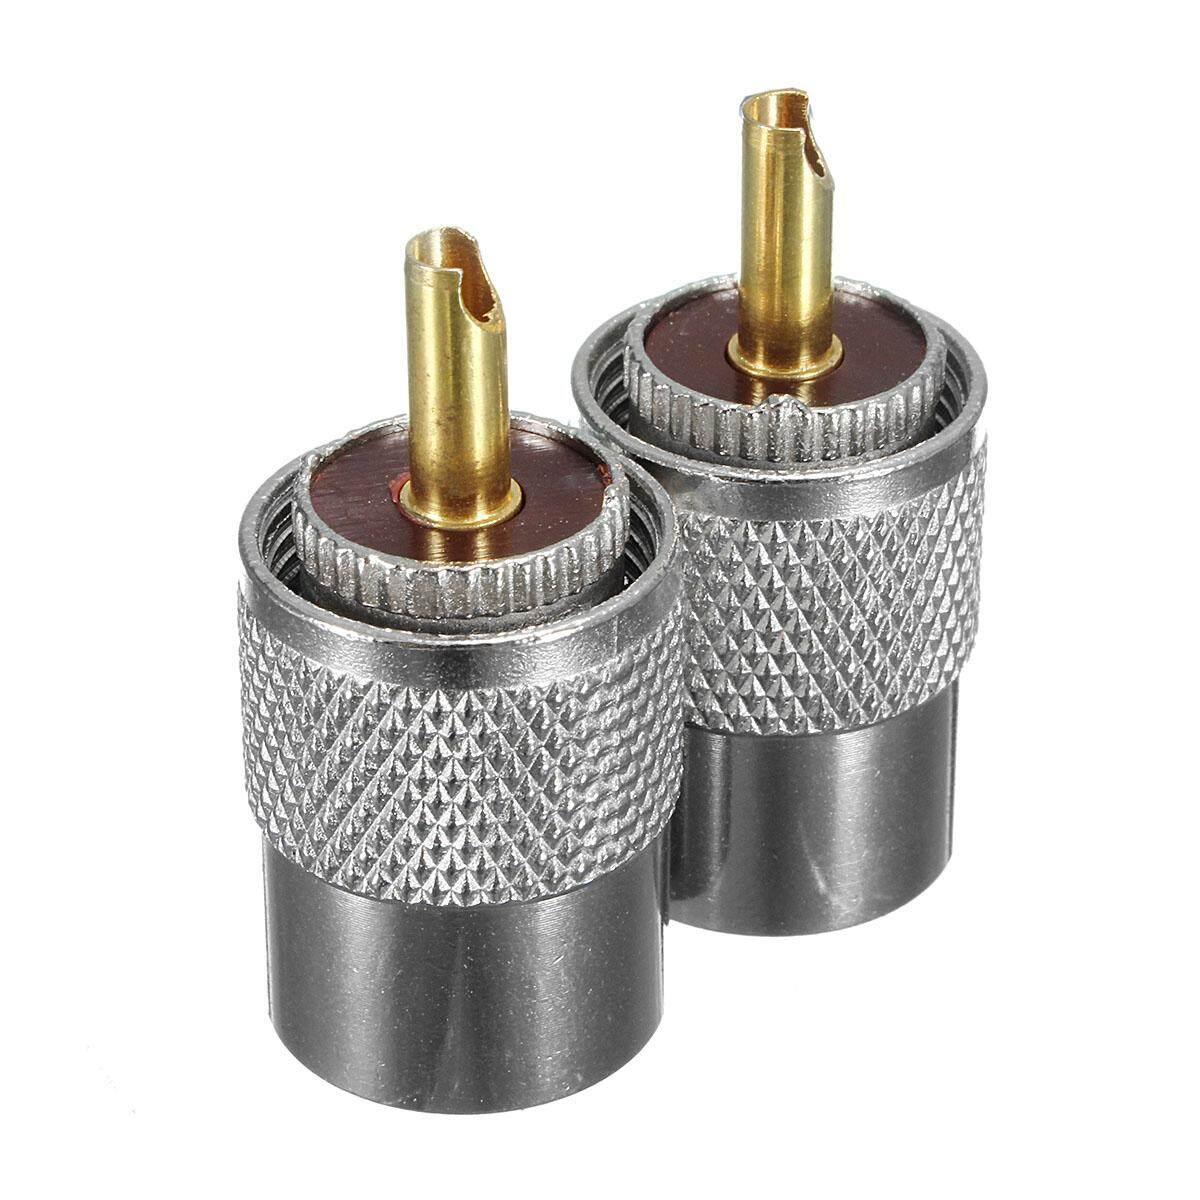 2 Pcs UHF PL-259 Pria Solder RF Colokan Konektor untuk RG8 Koaksial Konektor Kabel